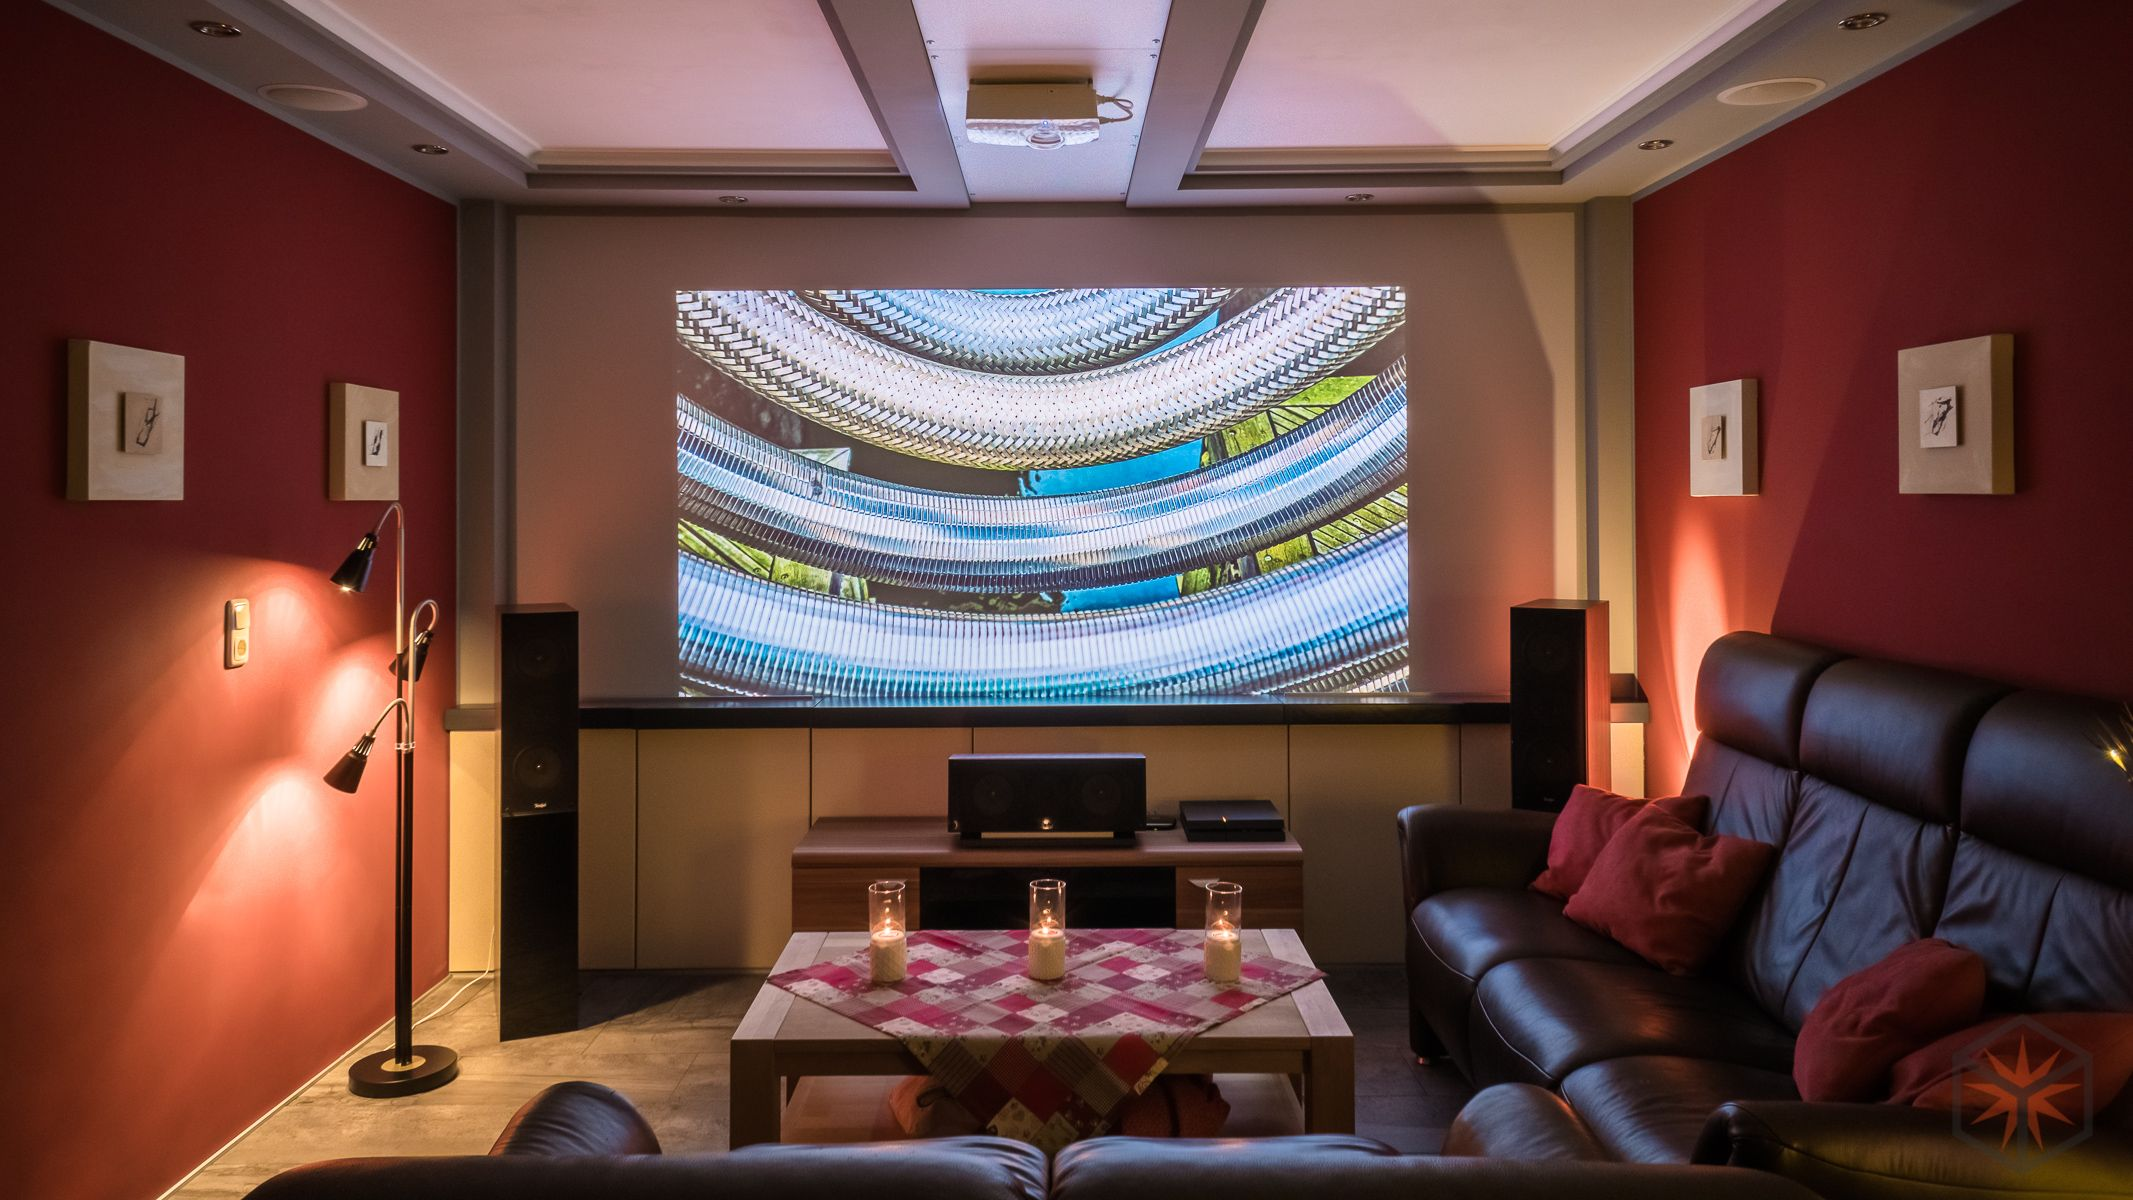 Wohnzimmer Heimkino Mit Beamer TVLift Und Dolby Atmos Setup In - Beamer wohnzimmer